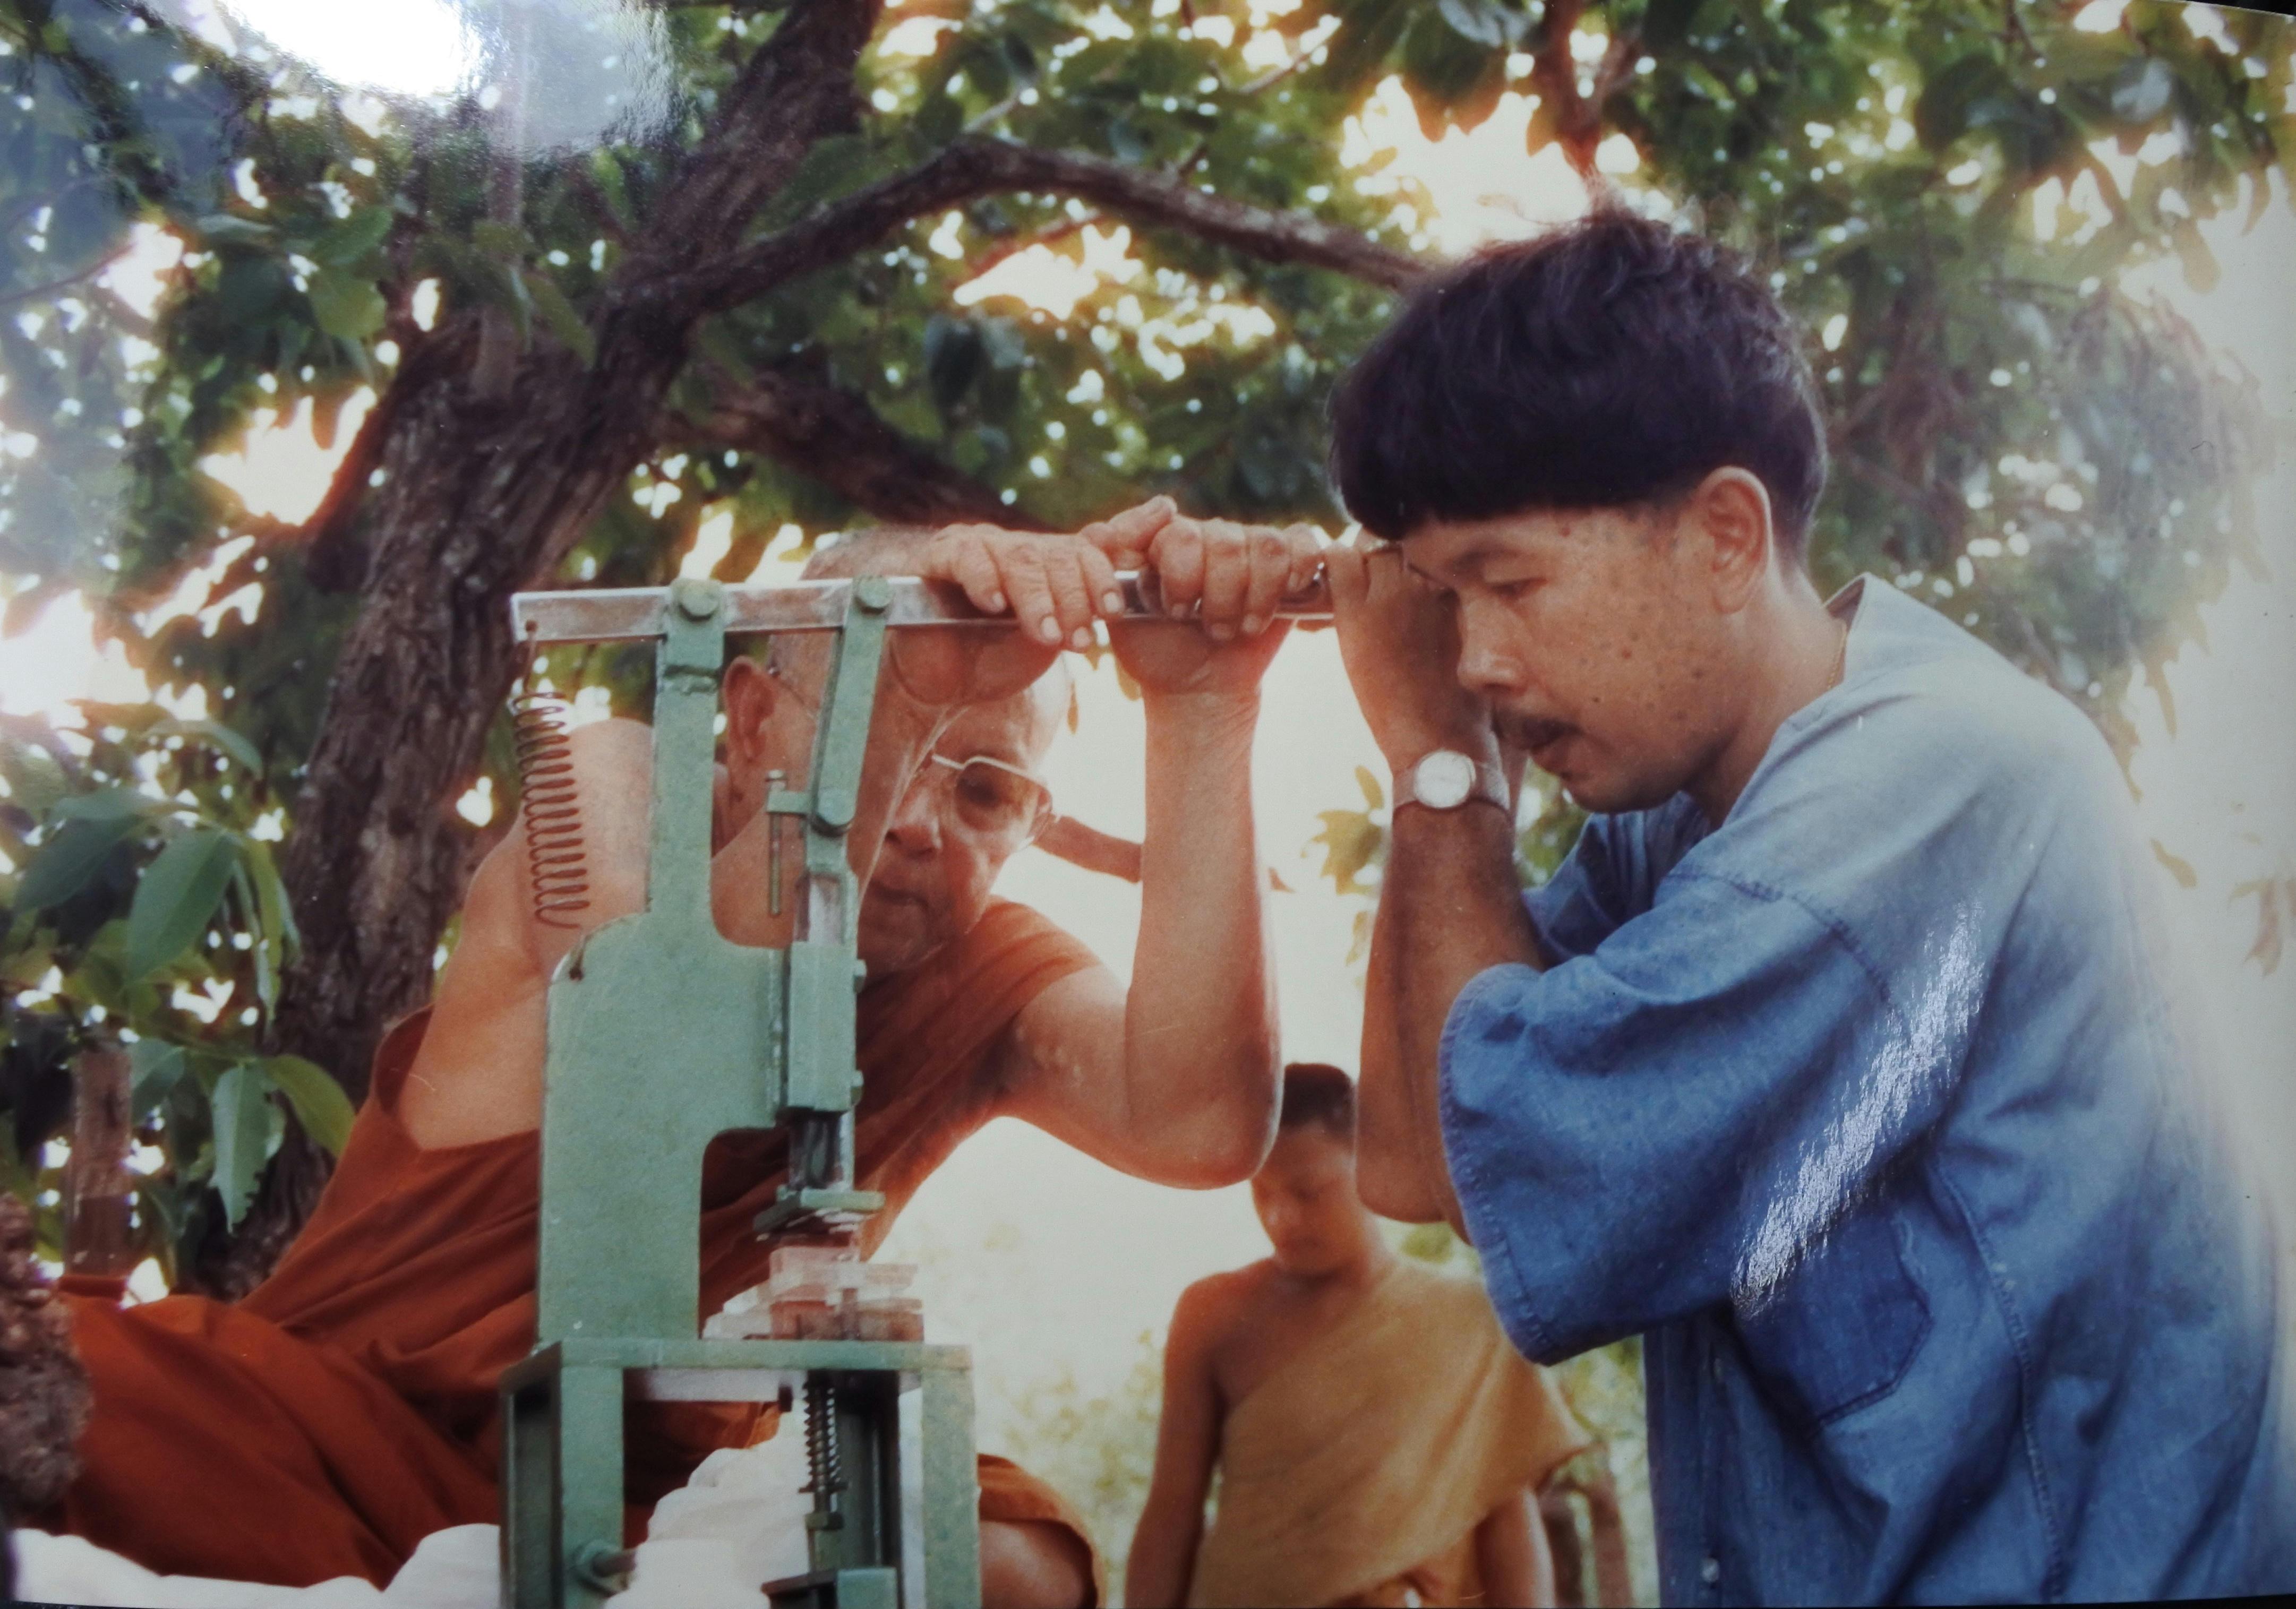 หลวงปู่พรหมา กับ อำพล เจน กำลังปั๊มพระสมเด็จรุ่นแรก ปี ๒๕๓๔